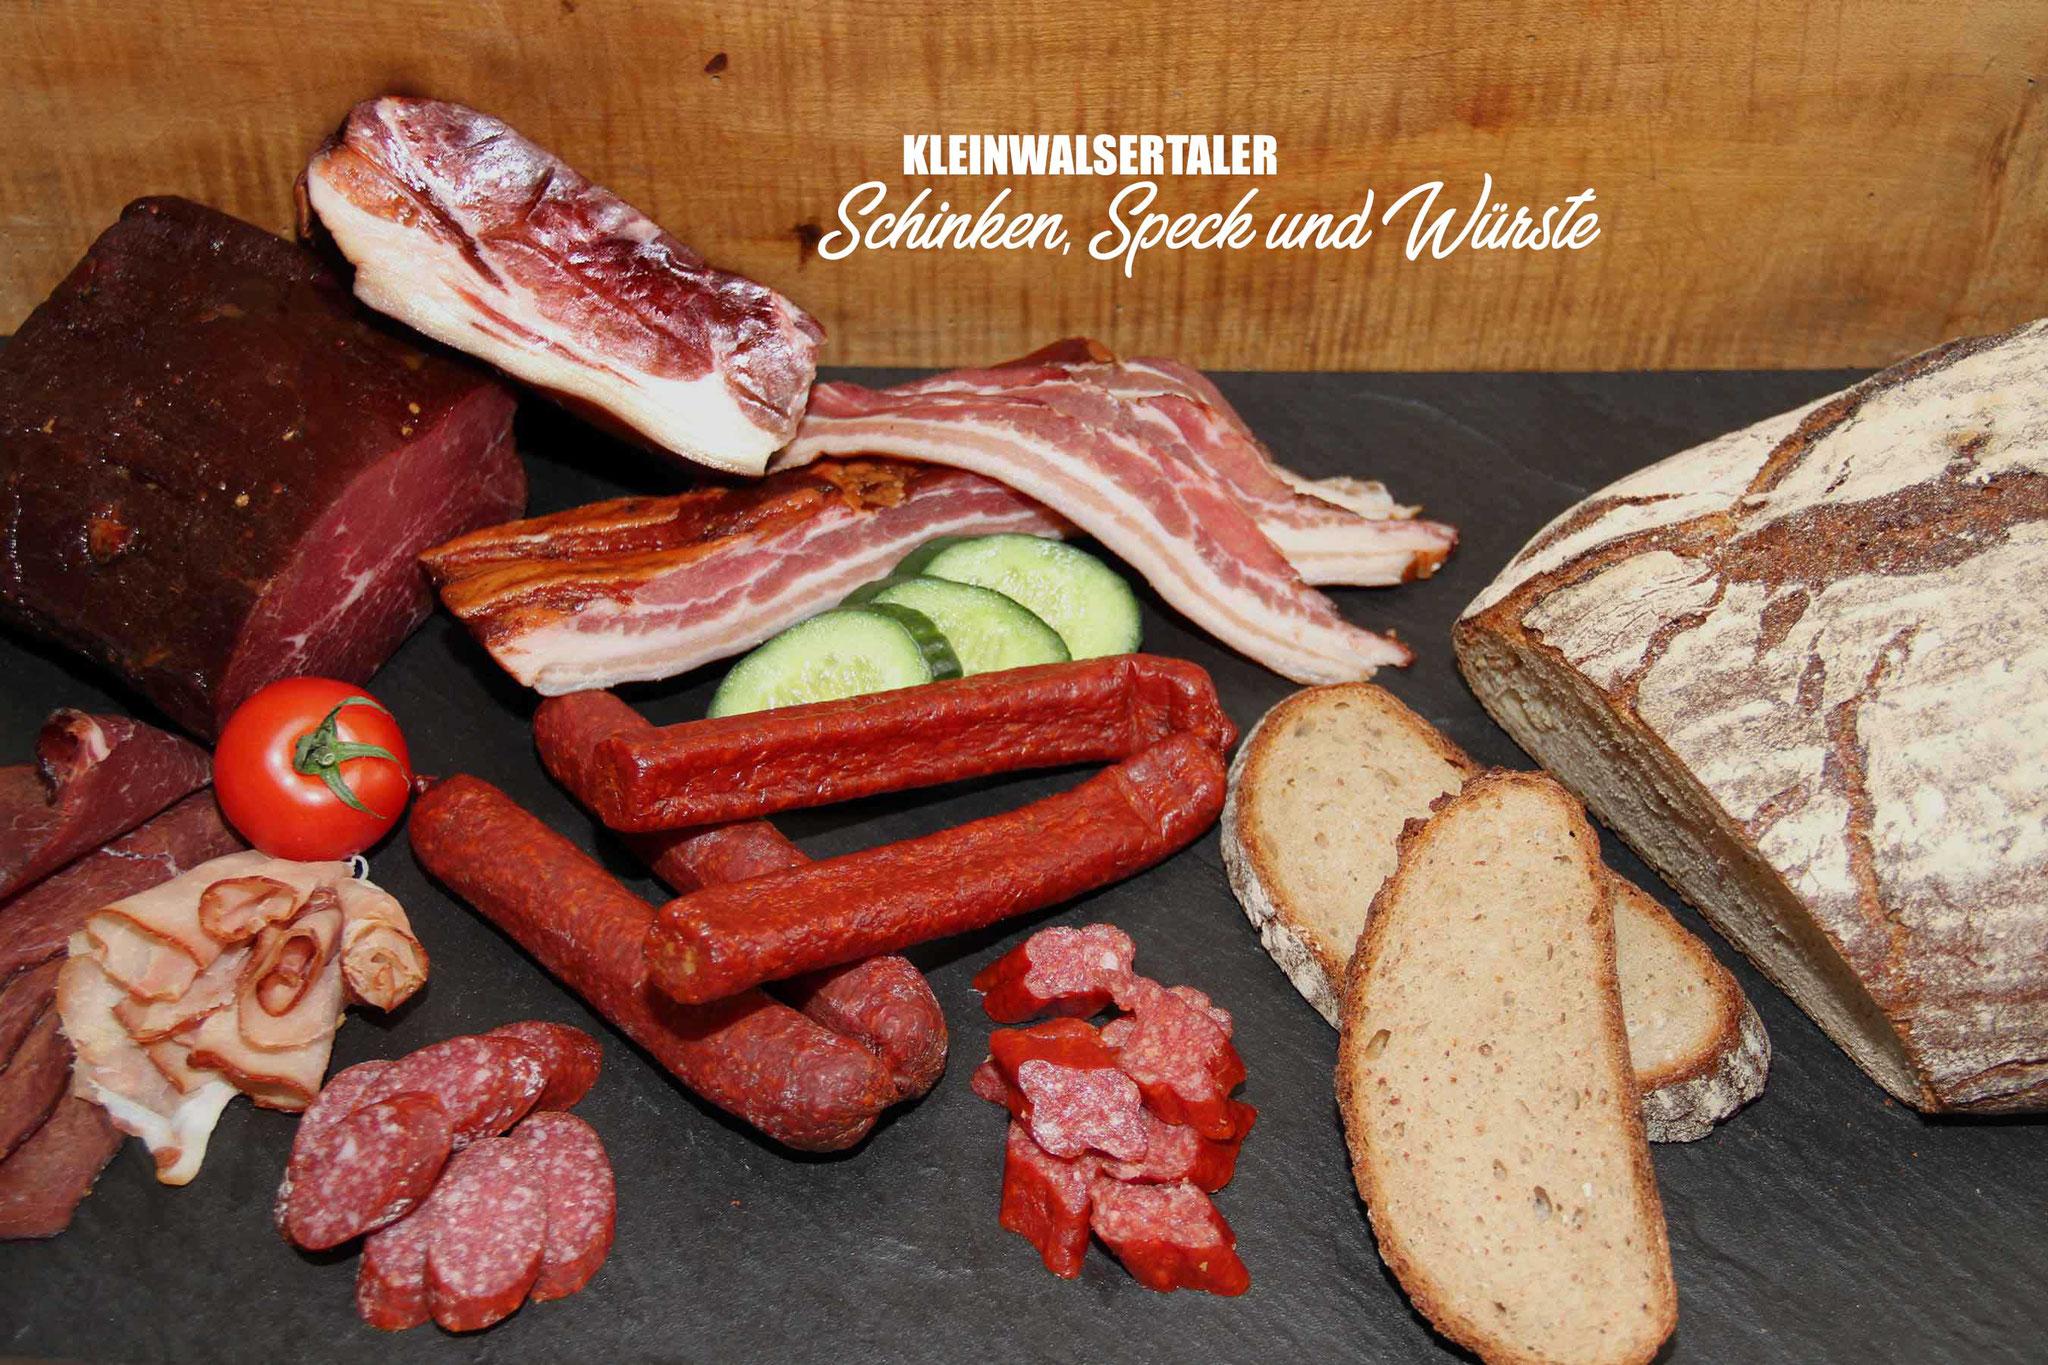 Innere Wiesalpe Kleinwalsertal, Käse und Wurst im Online-Shop kaufen